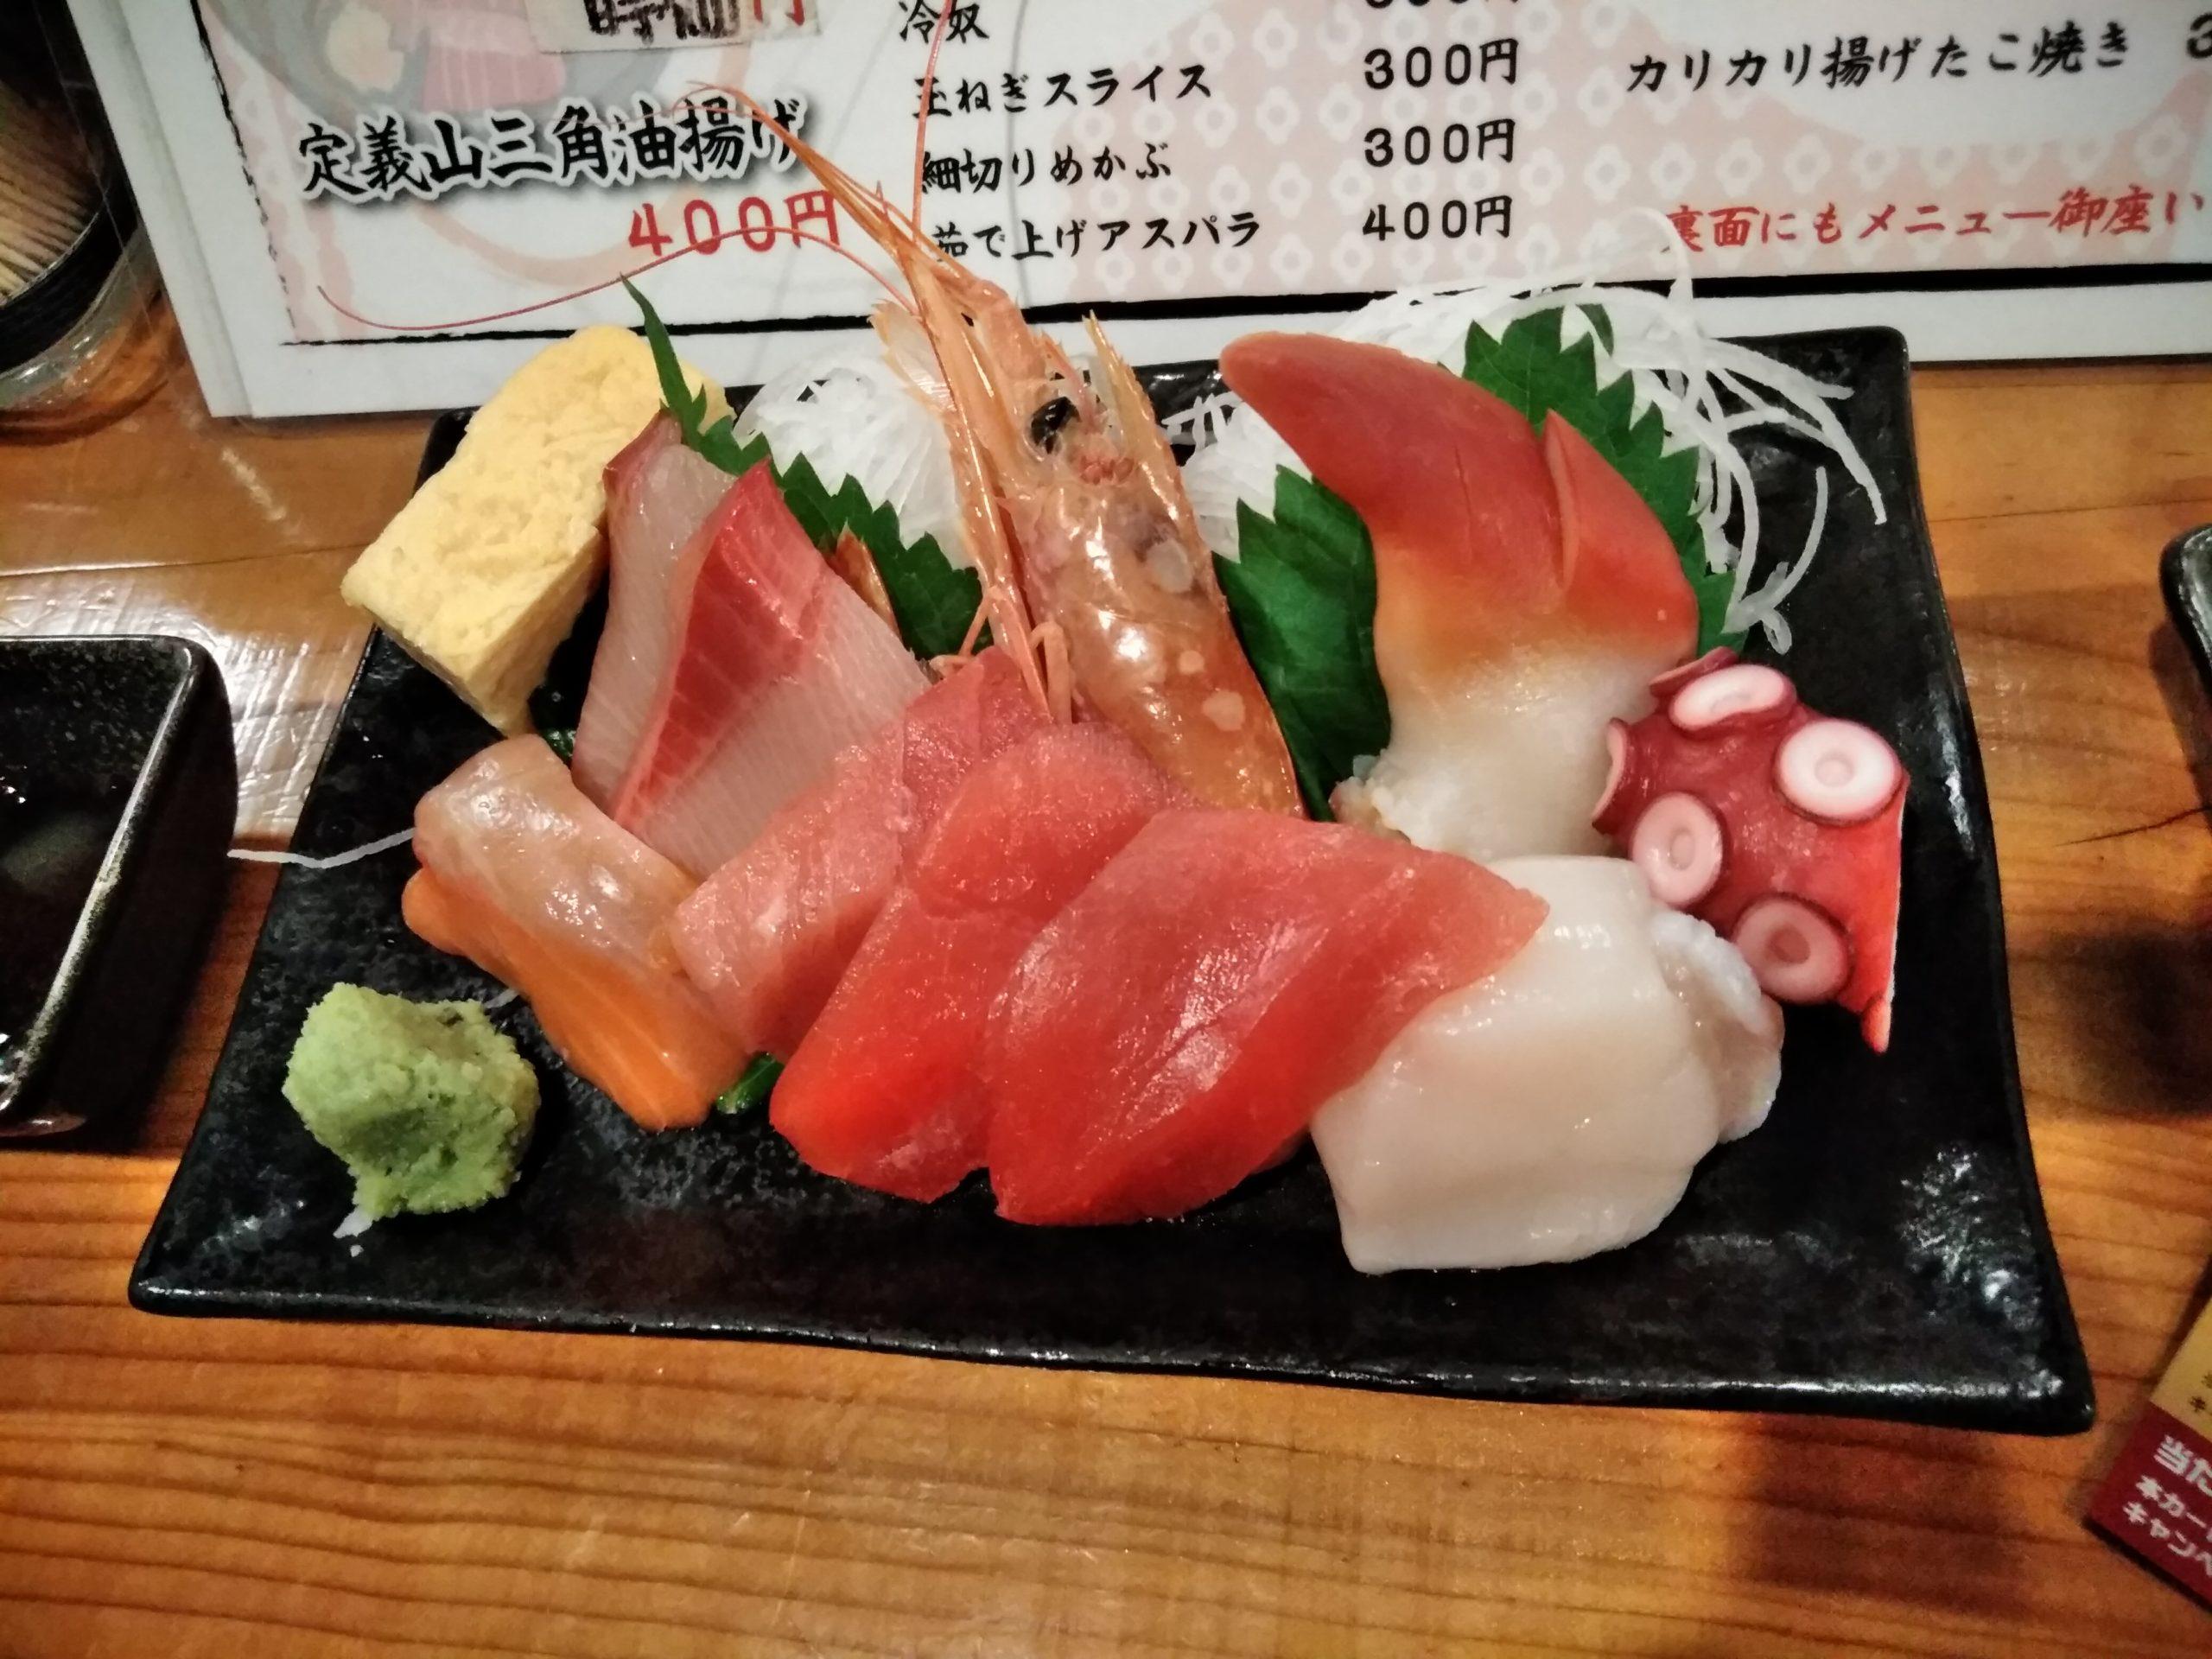 八乙女駅の大衆酒場 八(はち)は、サラリーマンに大人気の居酒屋!